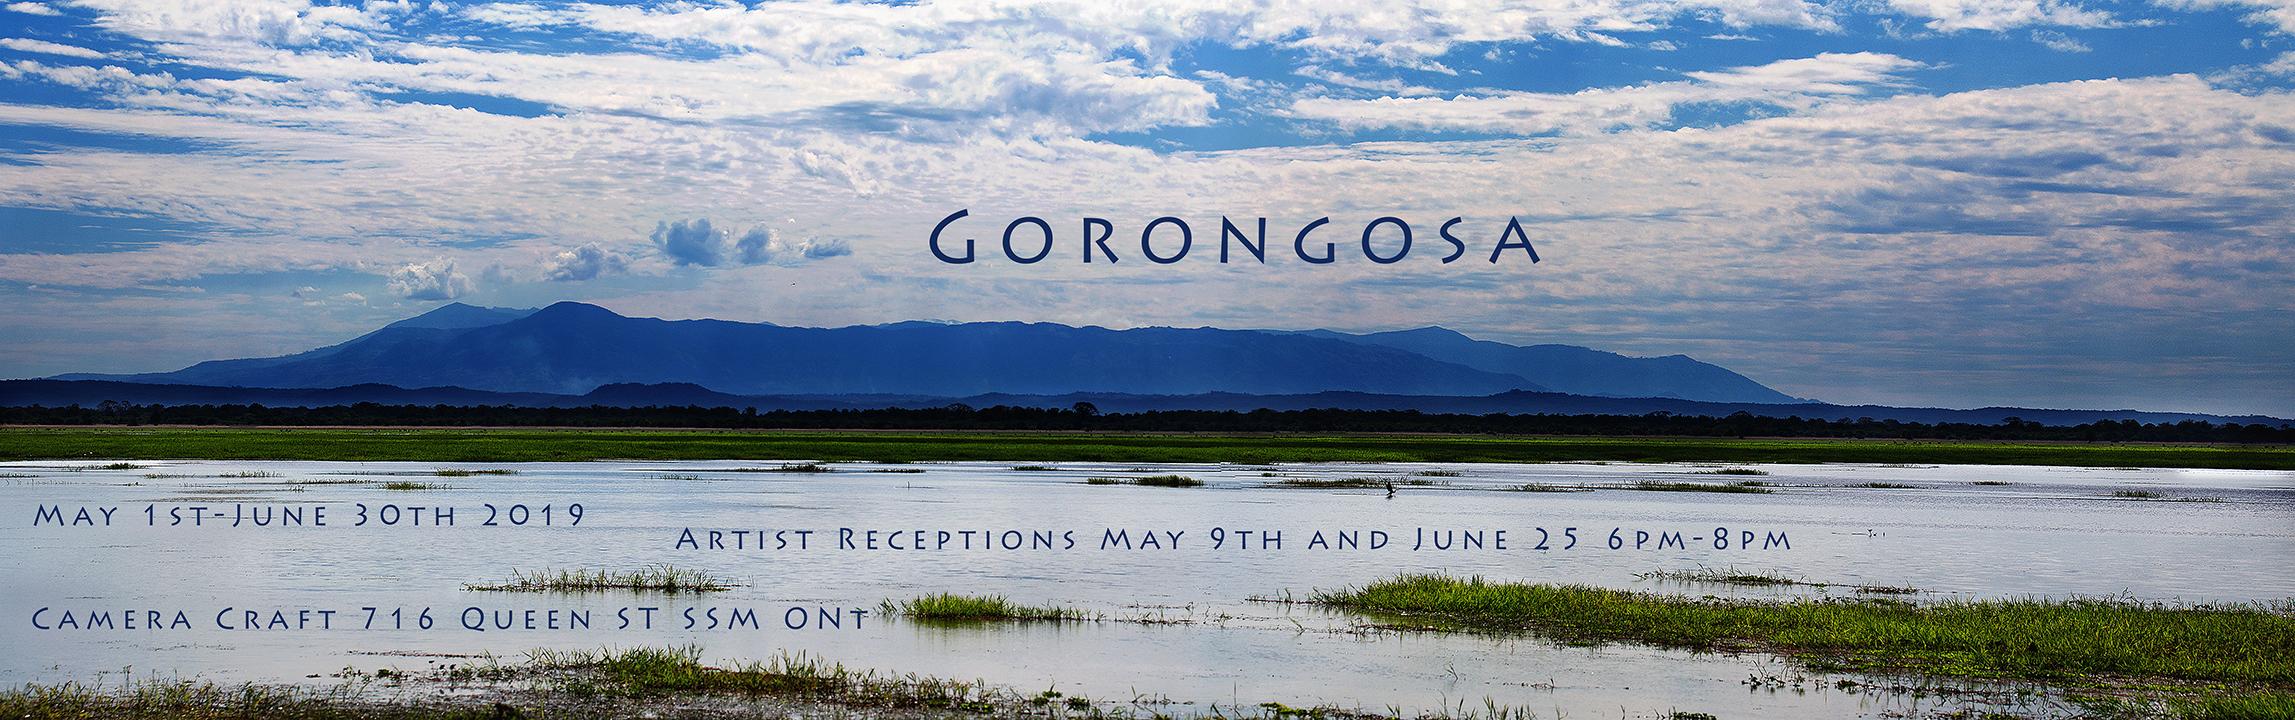 Panorama Mount Gorongosa title page.jpg